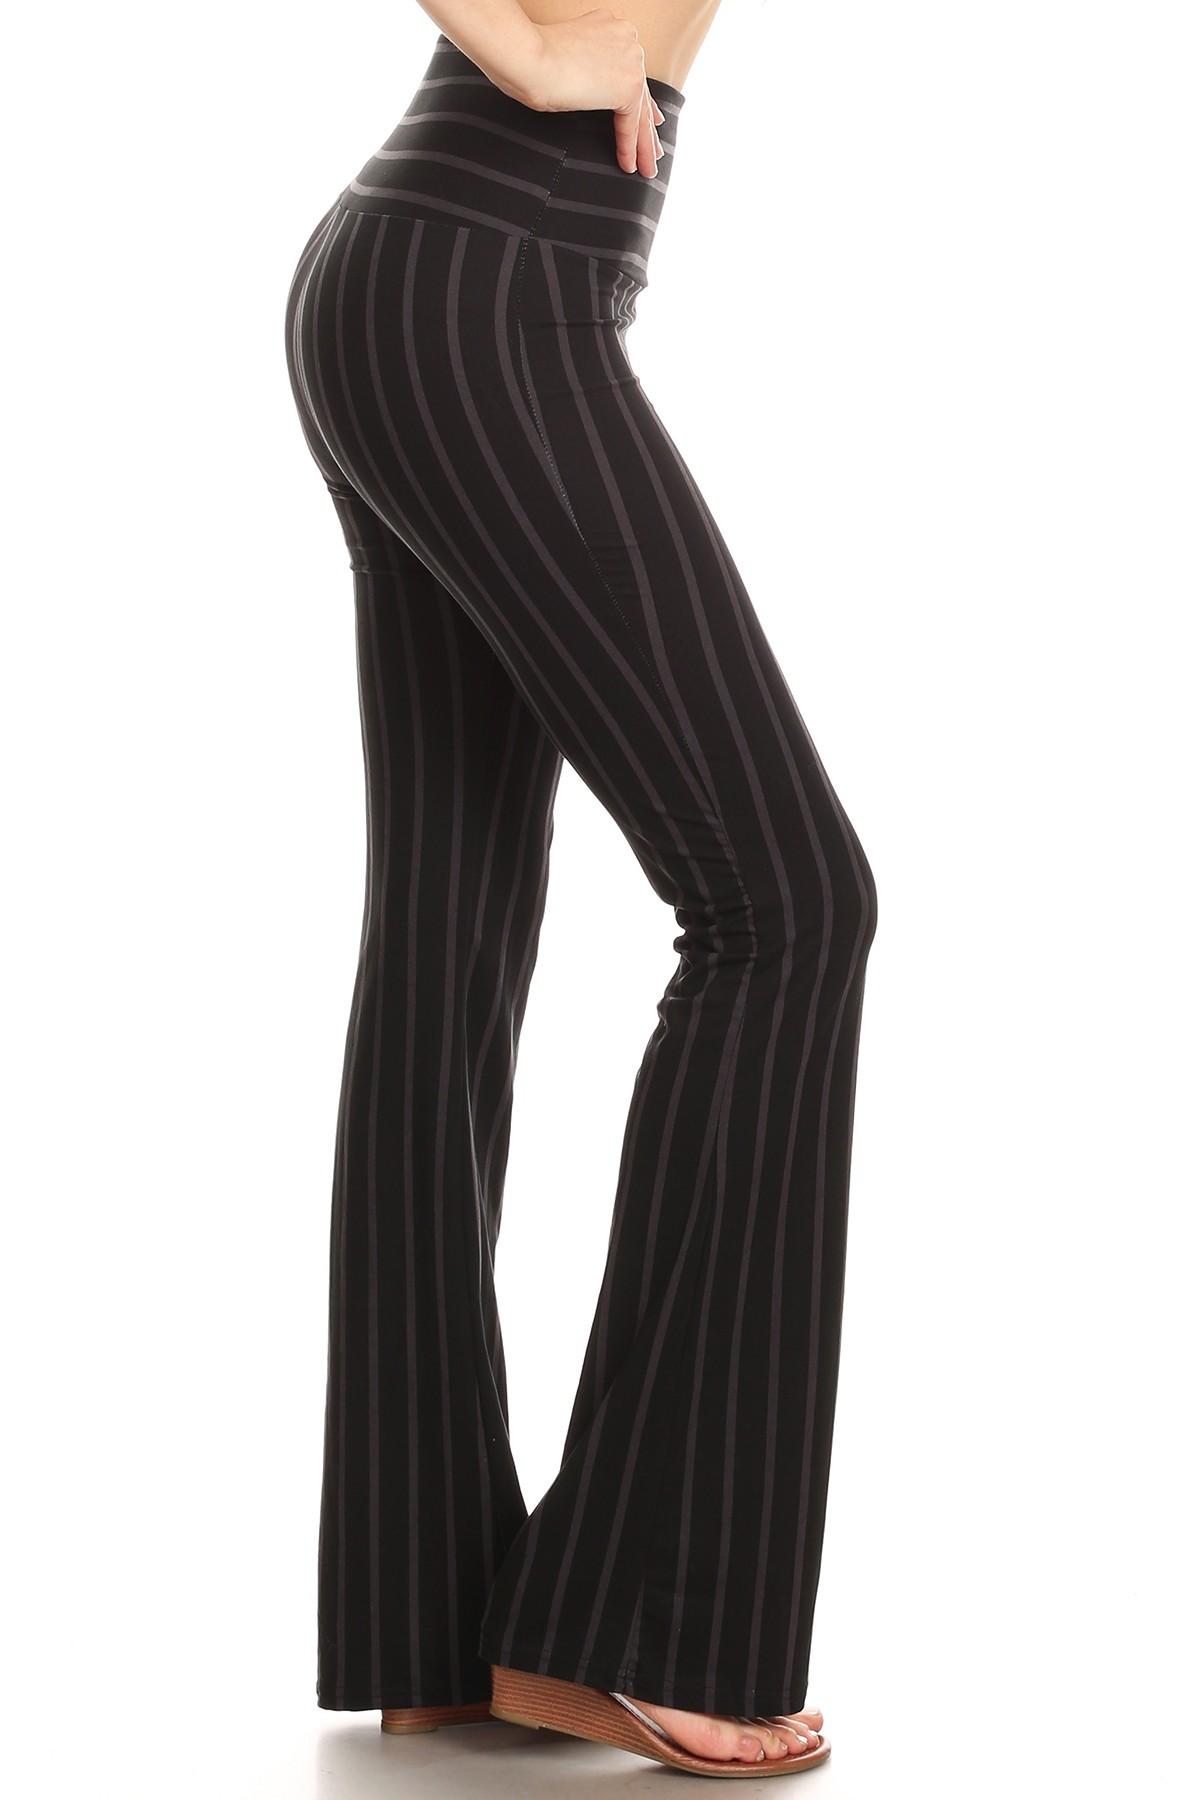 BLACK/DARK GREY STRIPE PRINT HIGH WAIST BRUSH POLY FLARE PANTS#8FP06-02